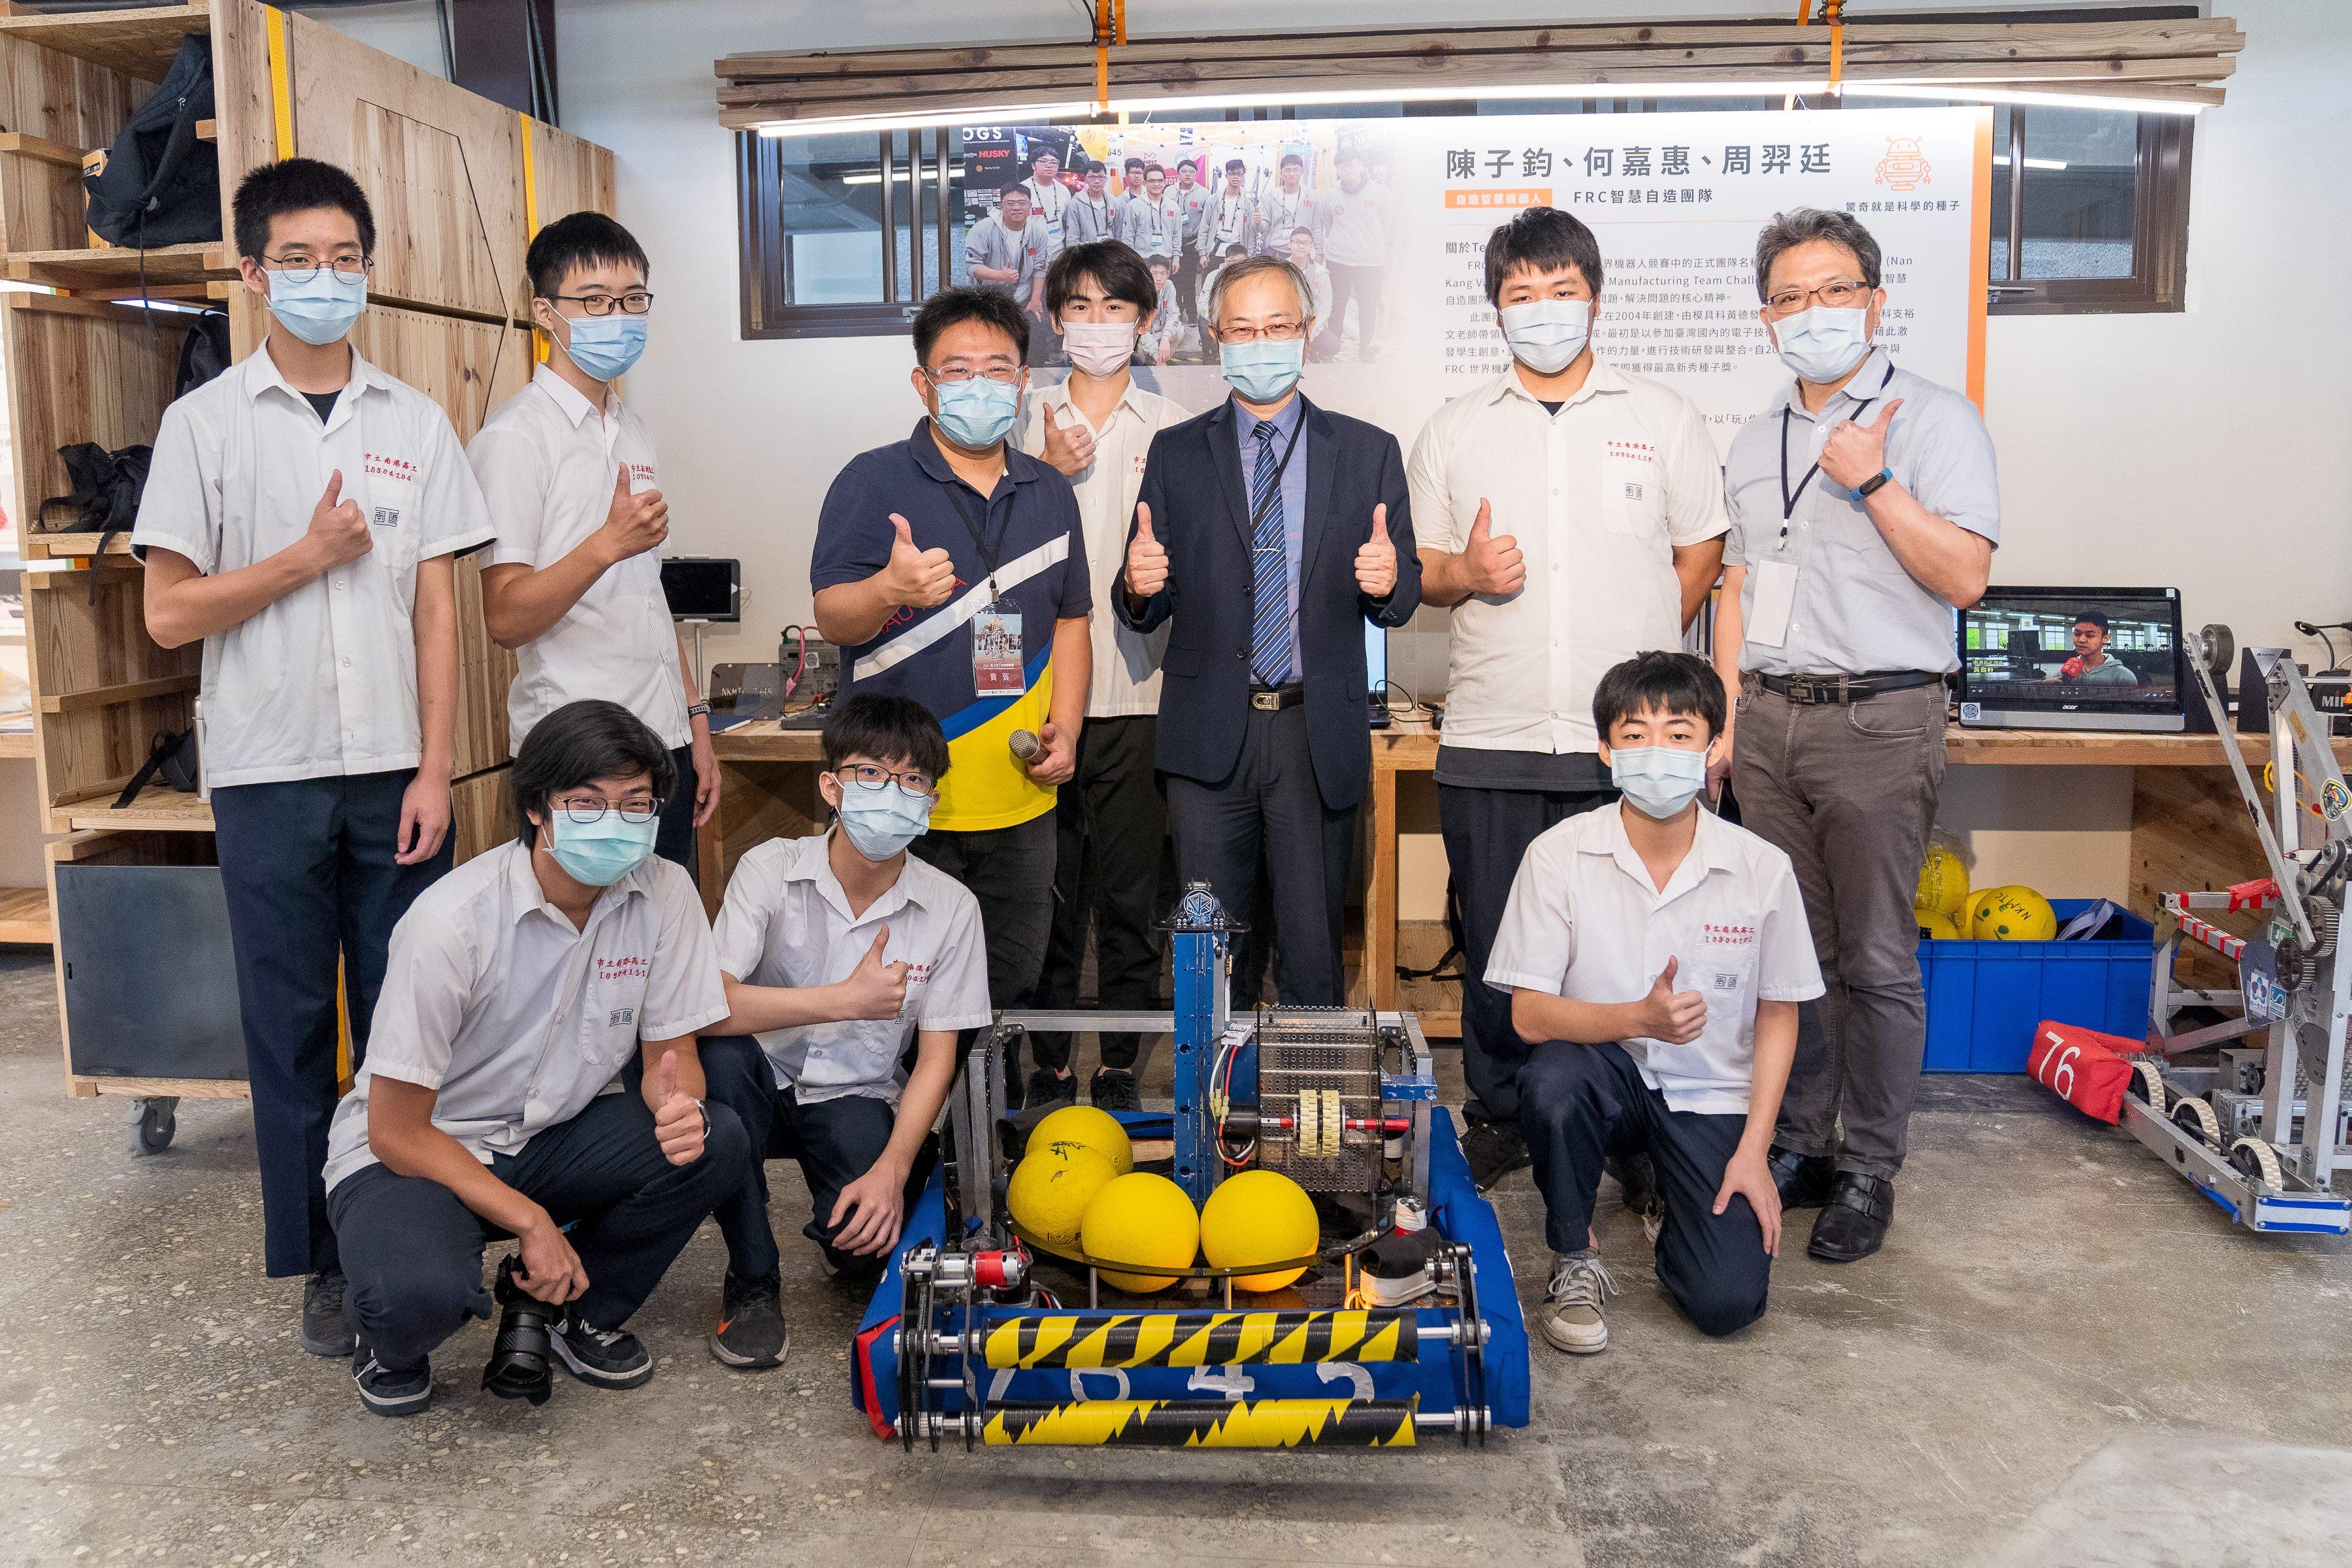 江副局長與南港高工FRC智慧自造團隊Team 7645合影